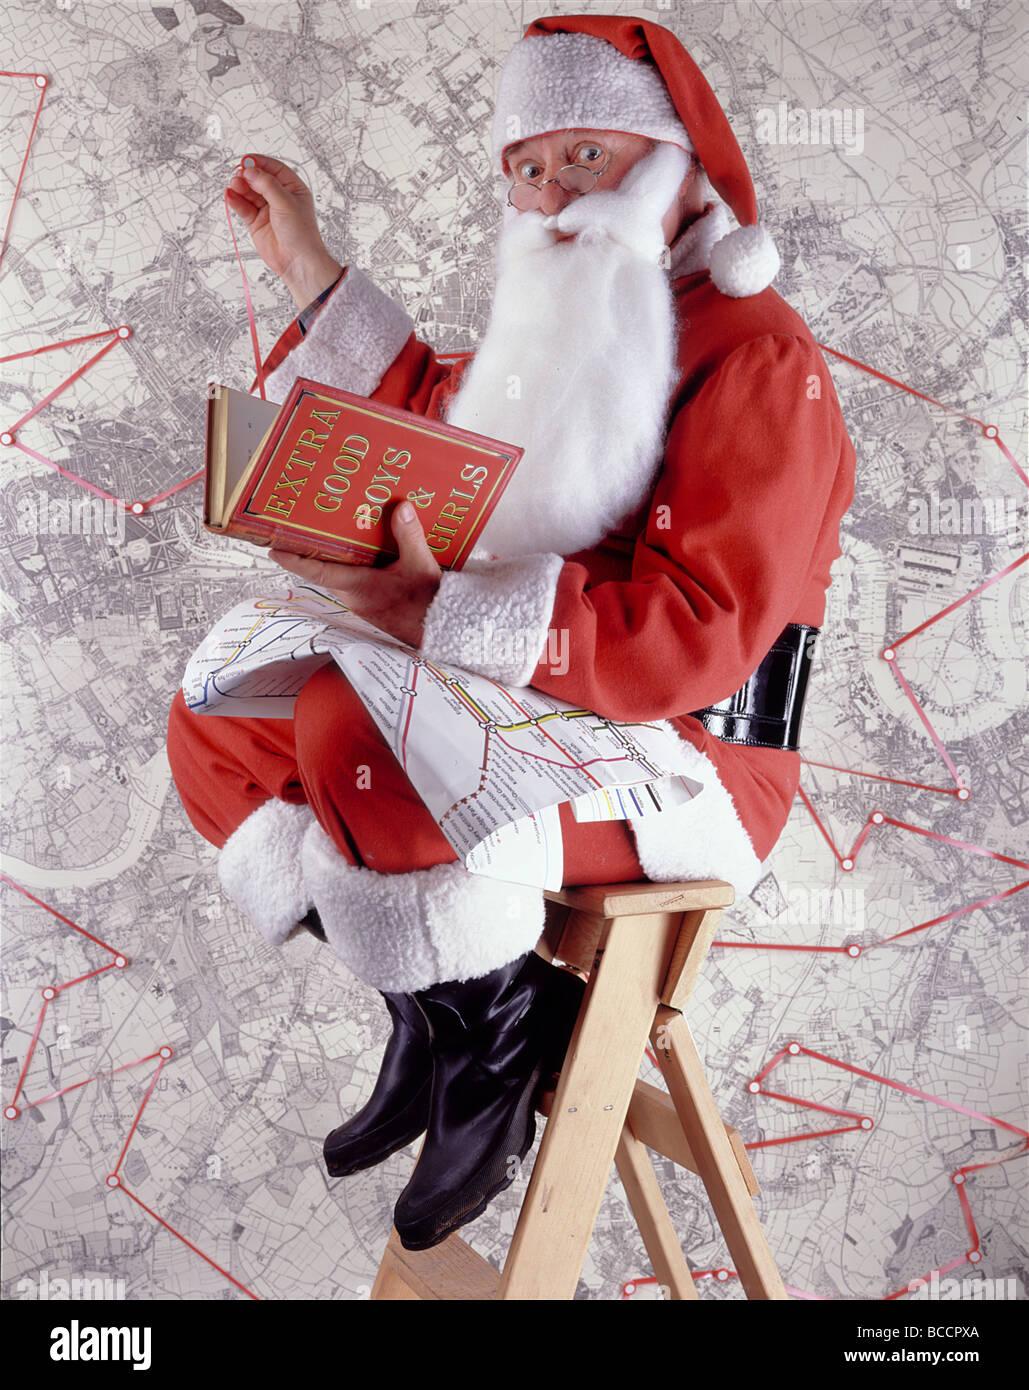 """Santa Claus (oder Weihnachtsmann) gegen Karte und Buch mit dem Titel """"EXTRA guten jungen & Mädchen"""" Stockbild"""